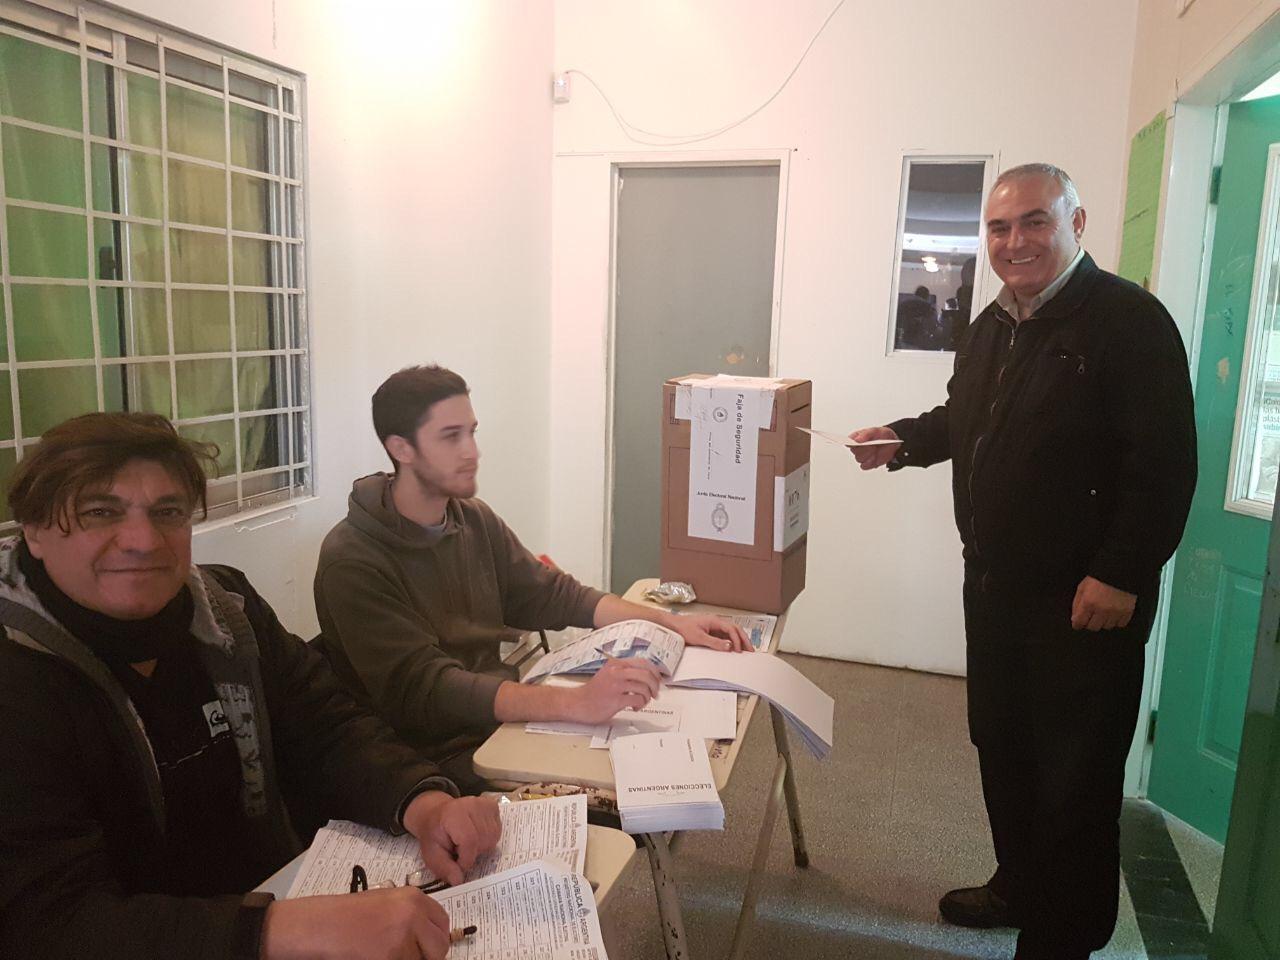 Alrededor de las 9:30 de la mañana el candidato por el espacio Frente Renovador 1País, Ángel Celi, se hizo presente en la escuela N° 25 del barrio El Carmen para emitir su voto.